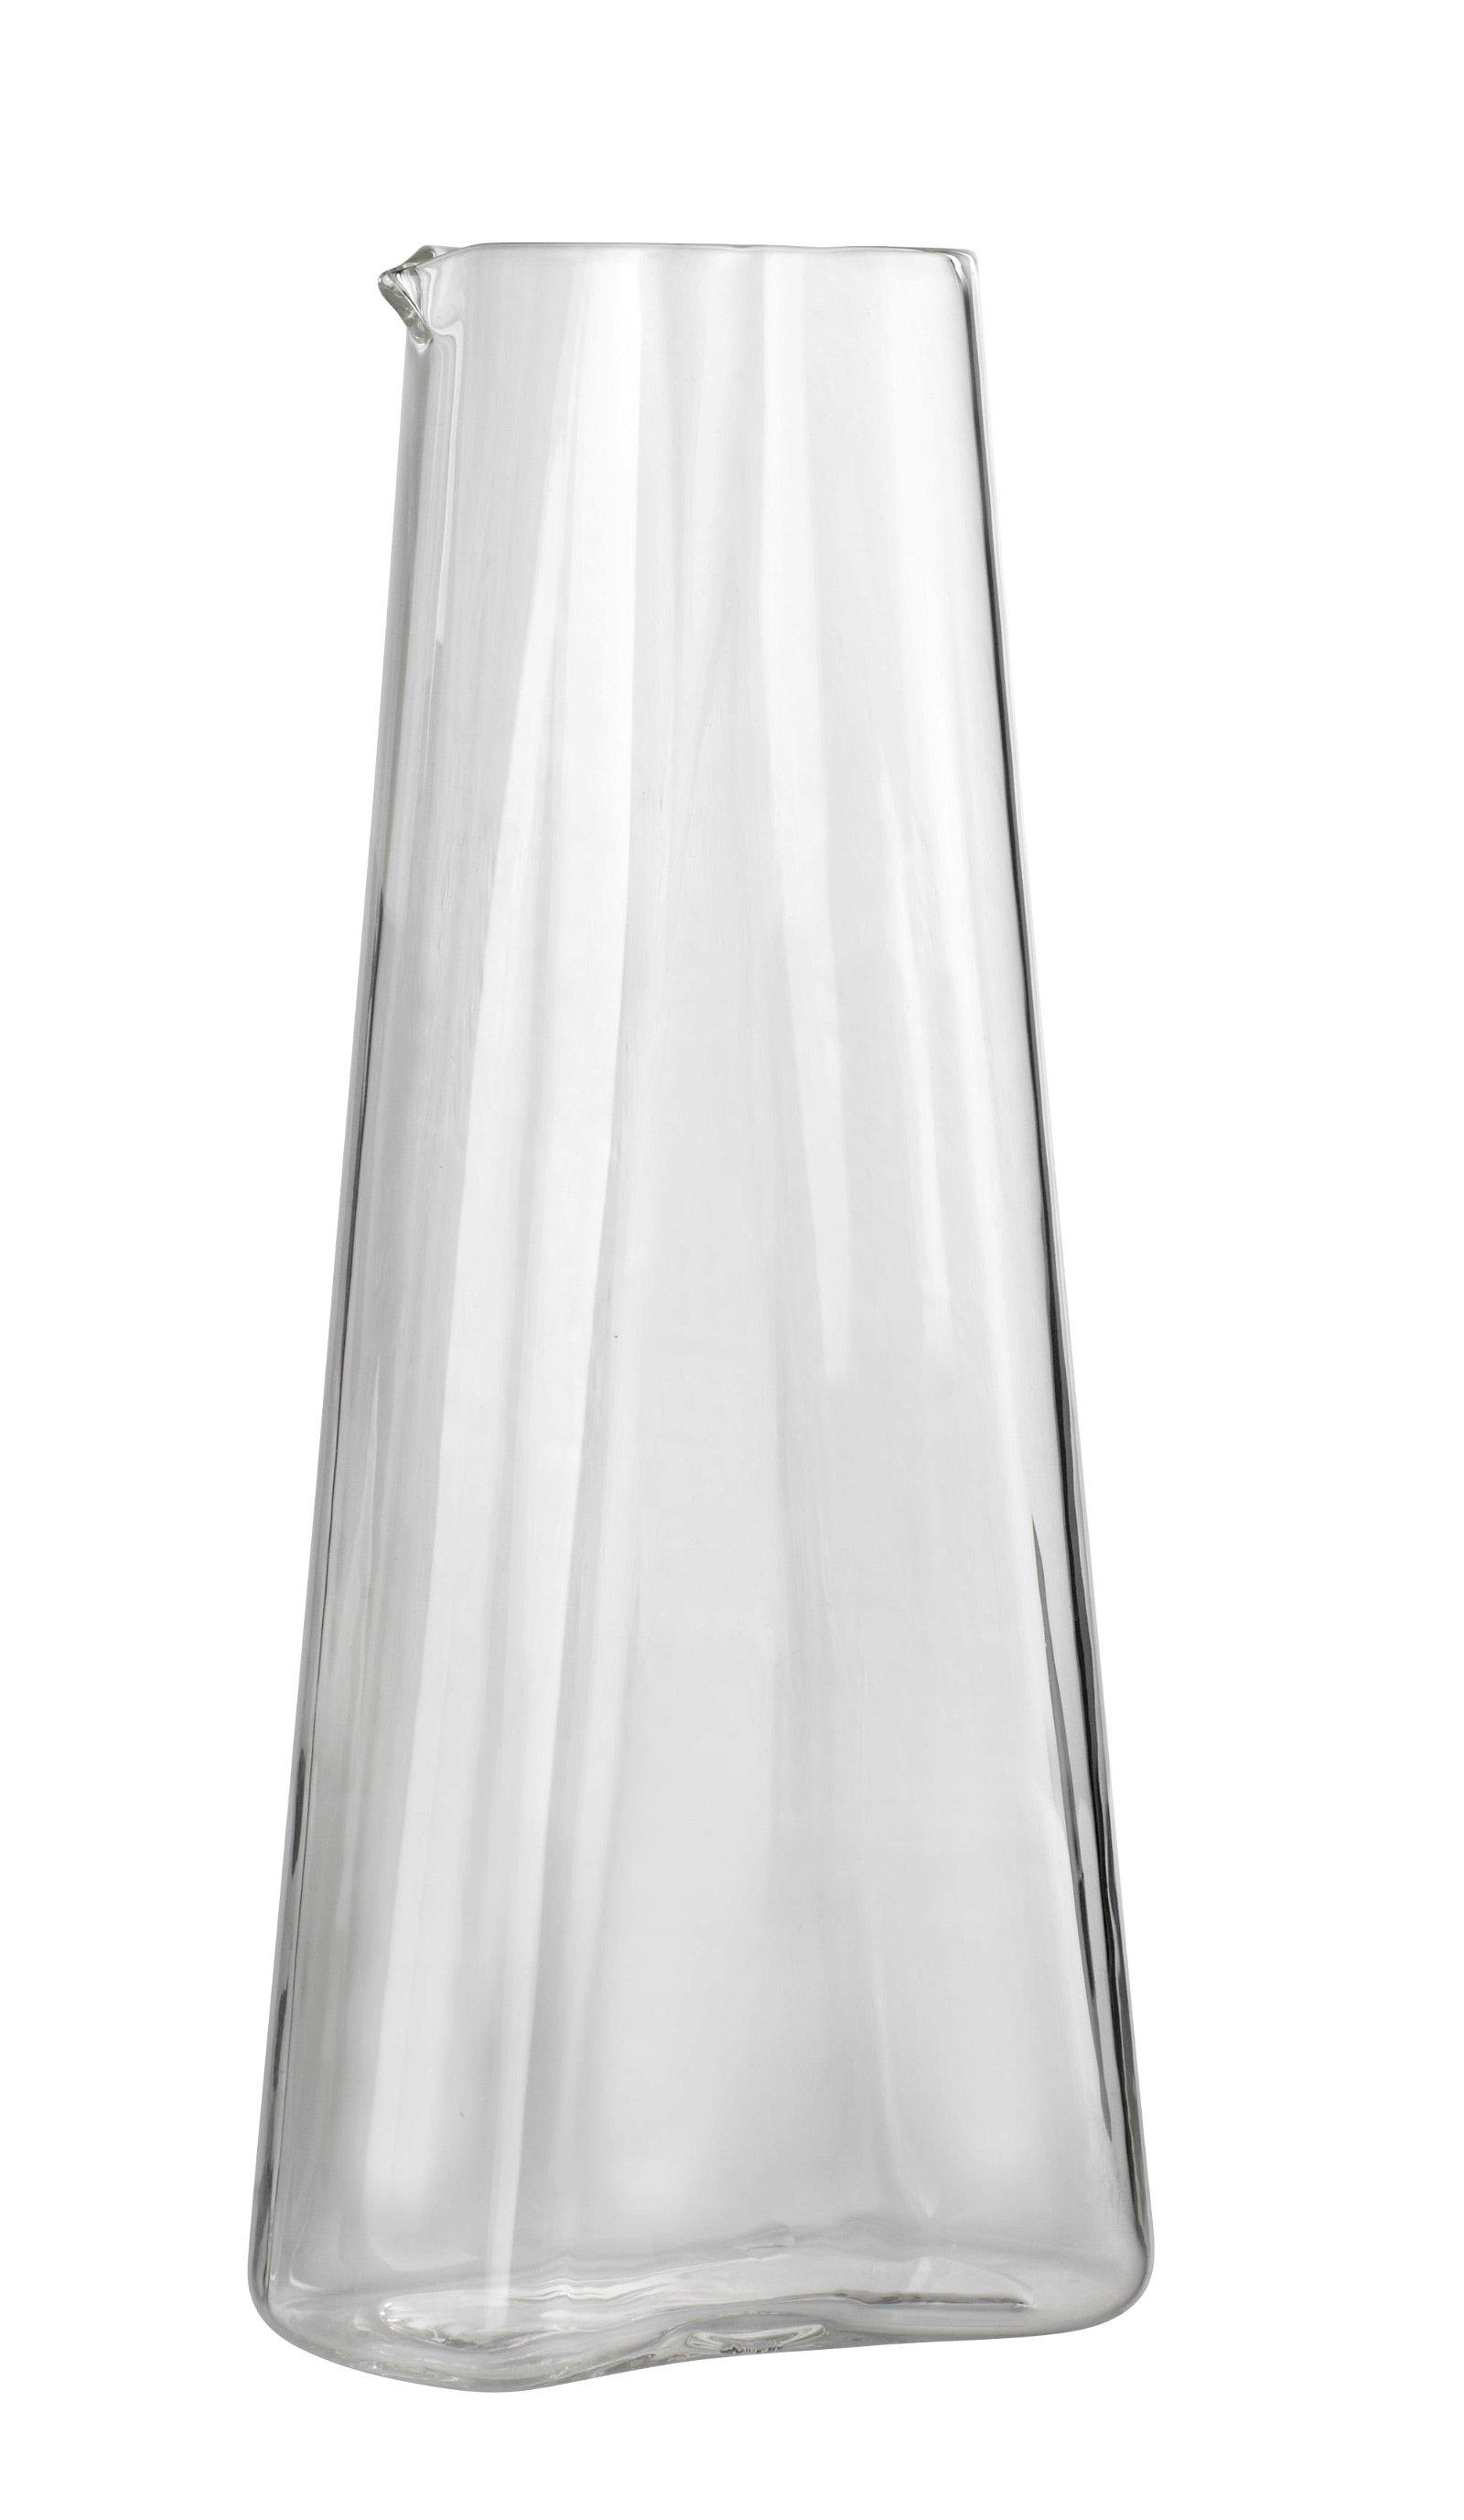 TOWER´ KANDE GLAS 0,15 LTR